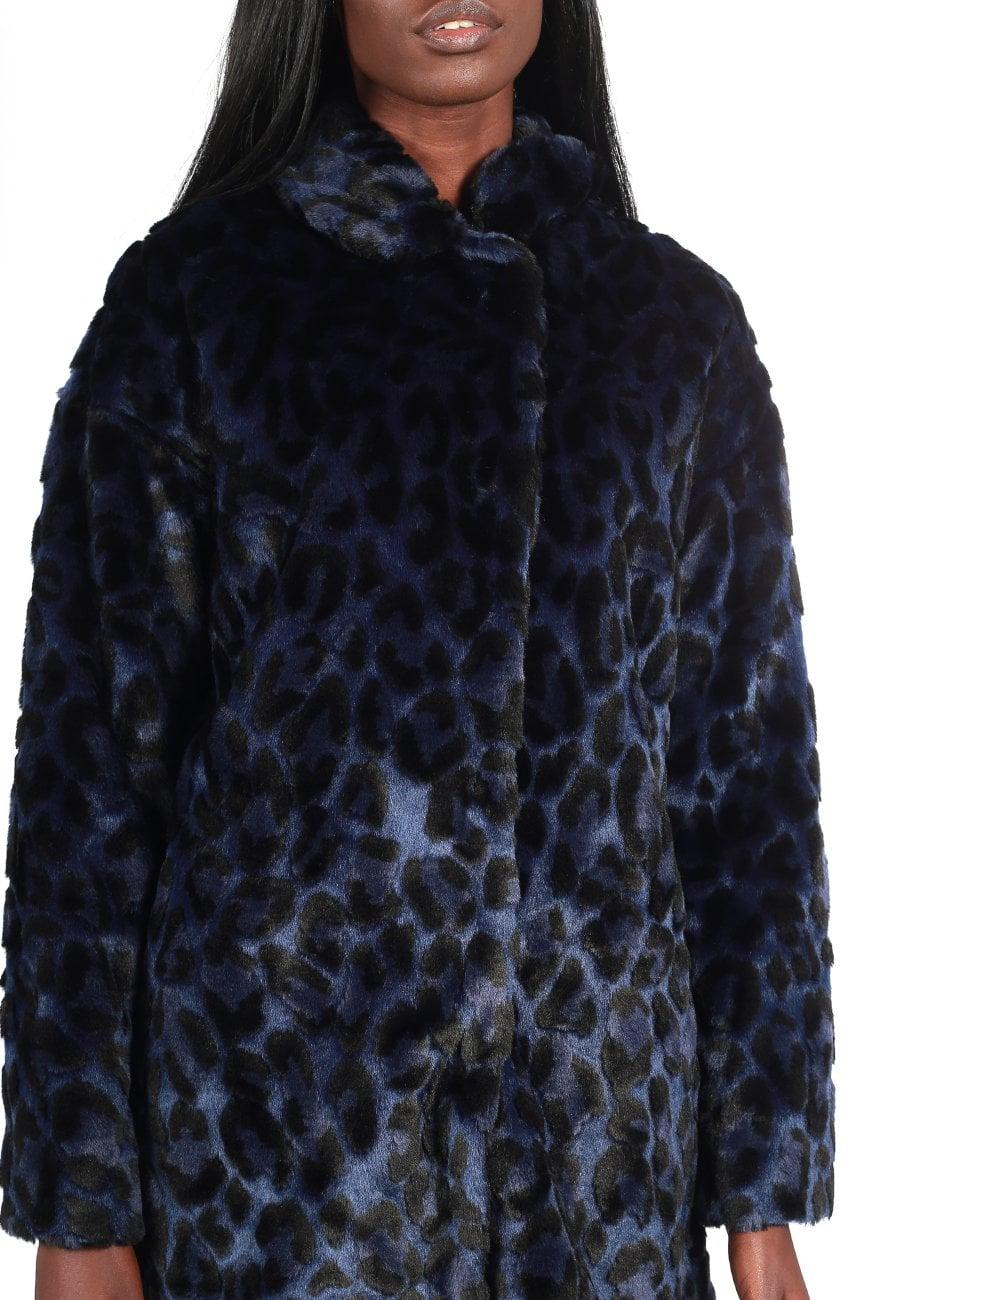 Paul Smith Women's Faux Fur Leopard Jacket